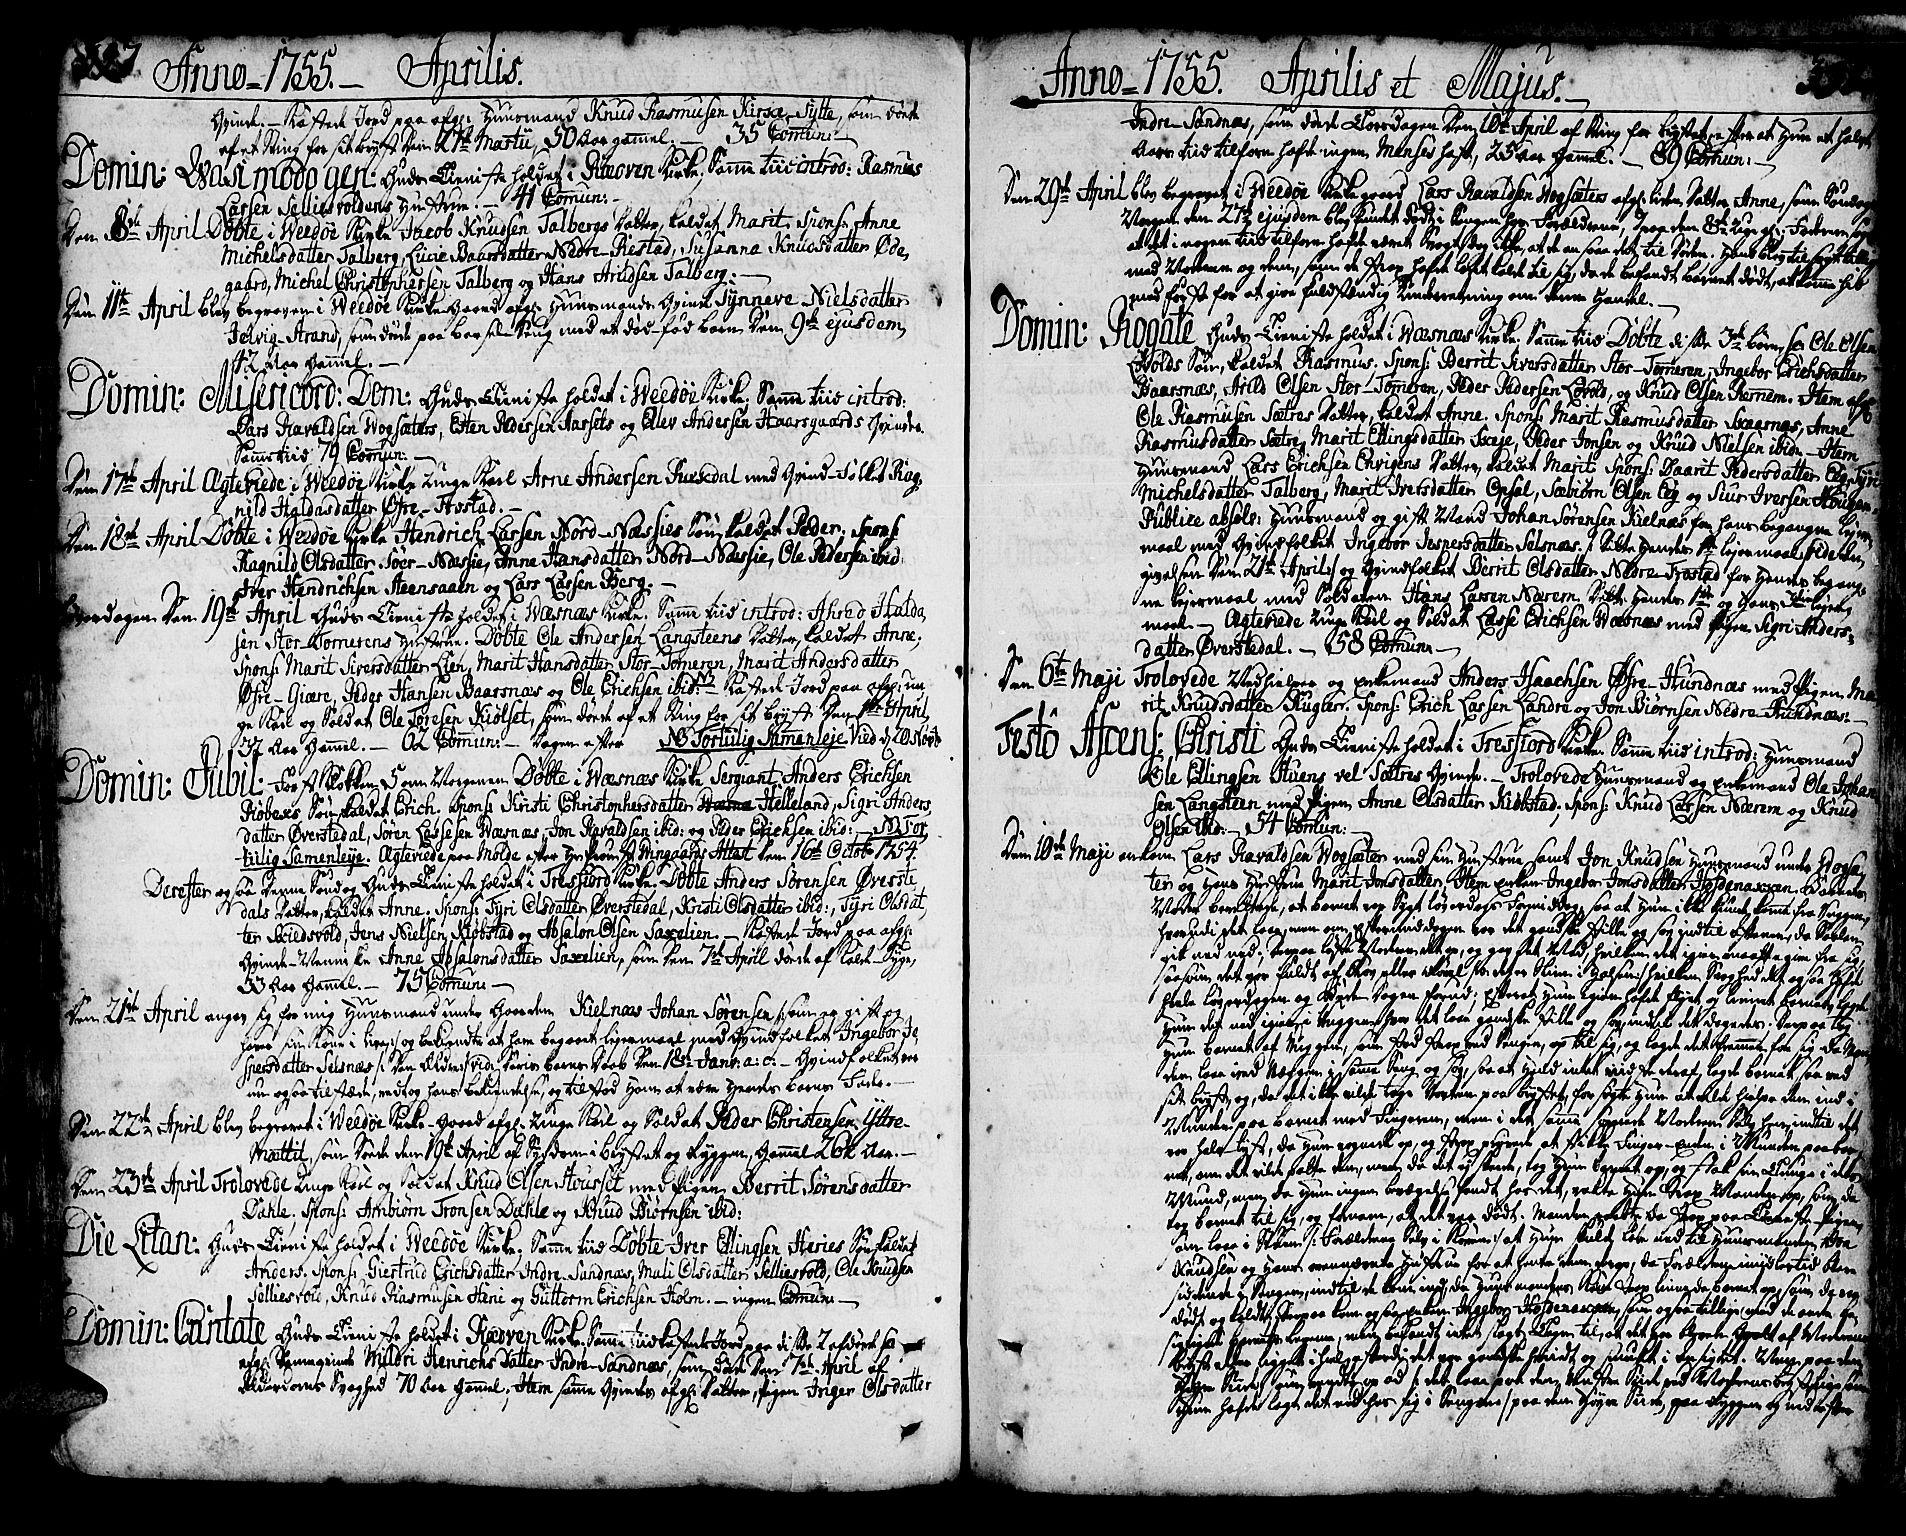 SAT, Ministerialprotokoller, klokkerbøker og fødselsregistre - Møre og Romsdal, 547/L0599: Ministerialbok nr. 547A01, 1721-1764, s. 397-398